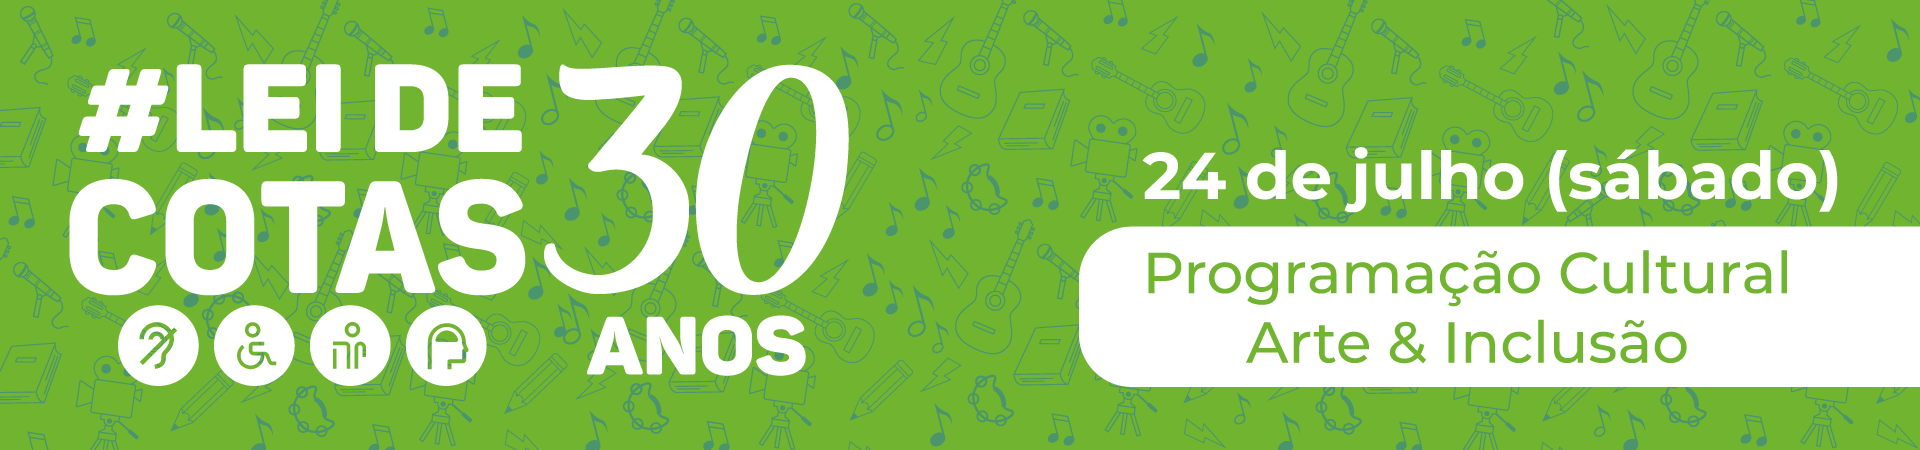 Card com fundo verde claro e imagens suaves de instrumentos musicais. Sobre o fundo, o texto: #Leidecotas30anos 24 de julho, sábado, programação cultural arte e inclusão.